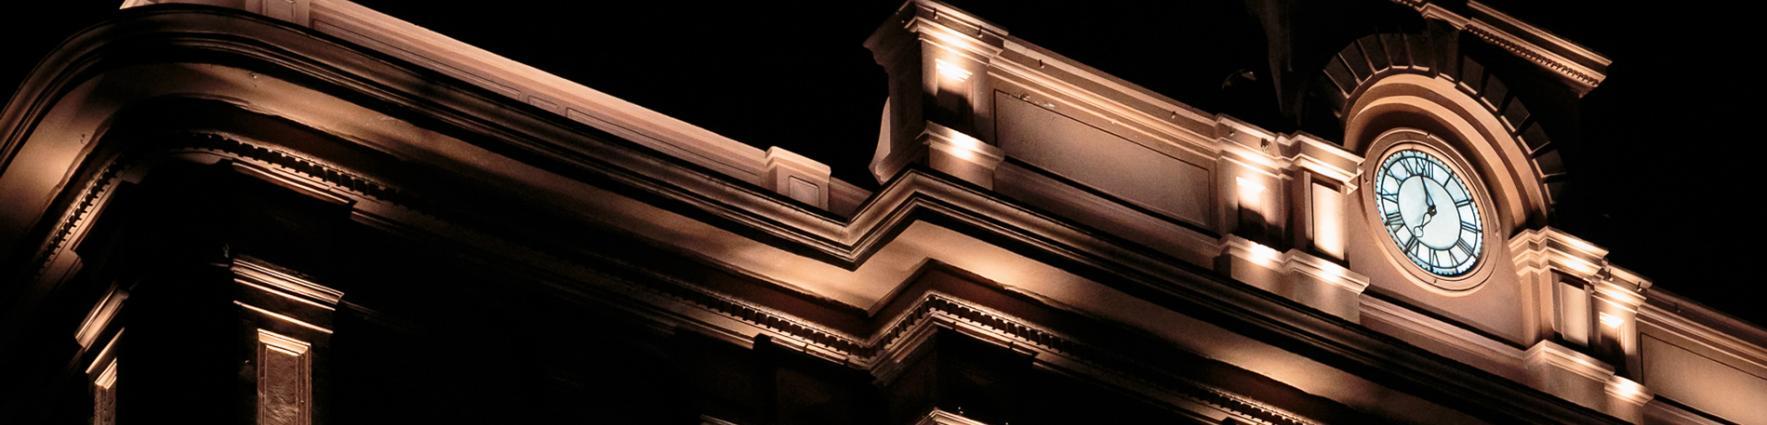 Fachada de edificio por la noche